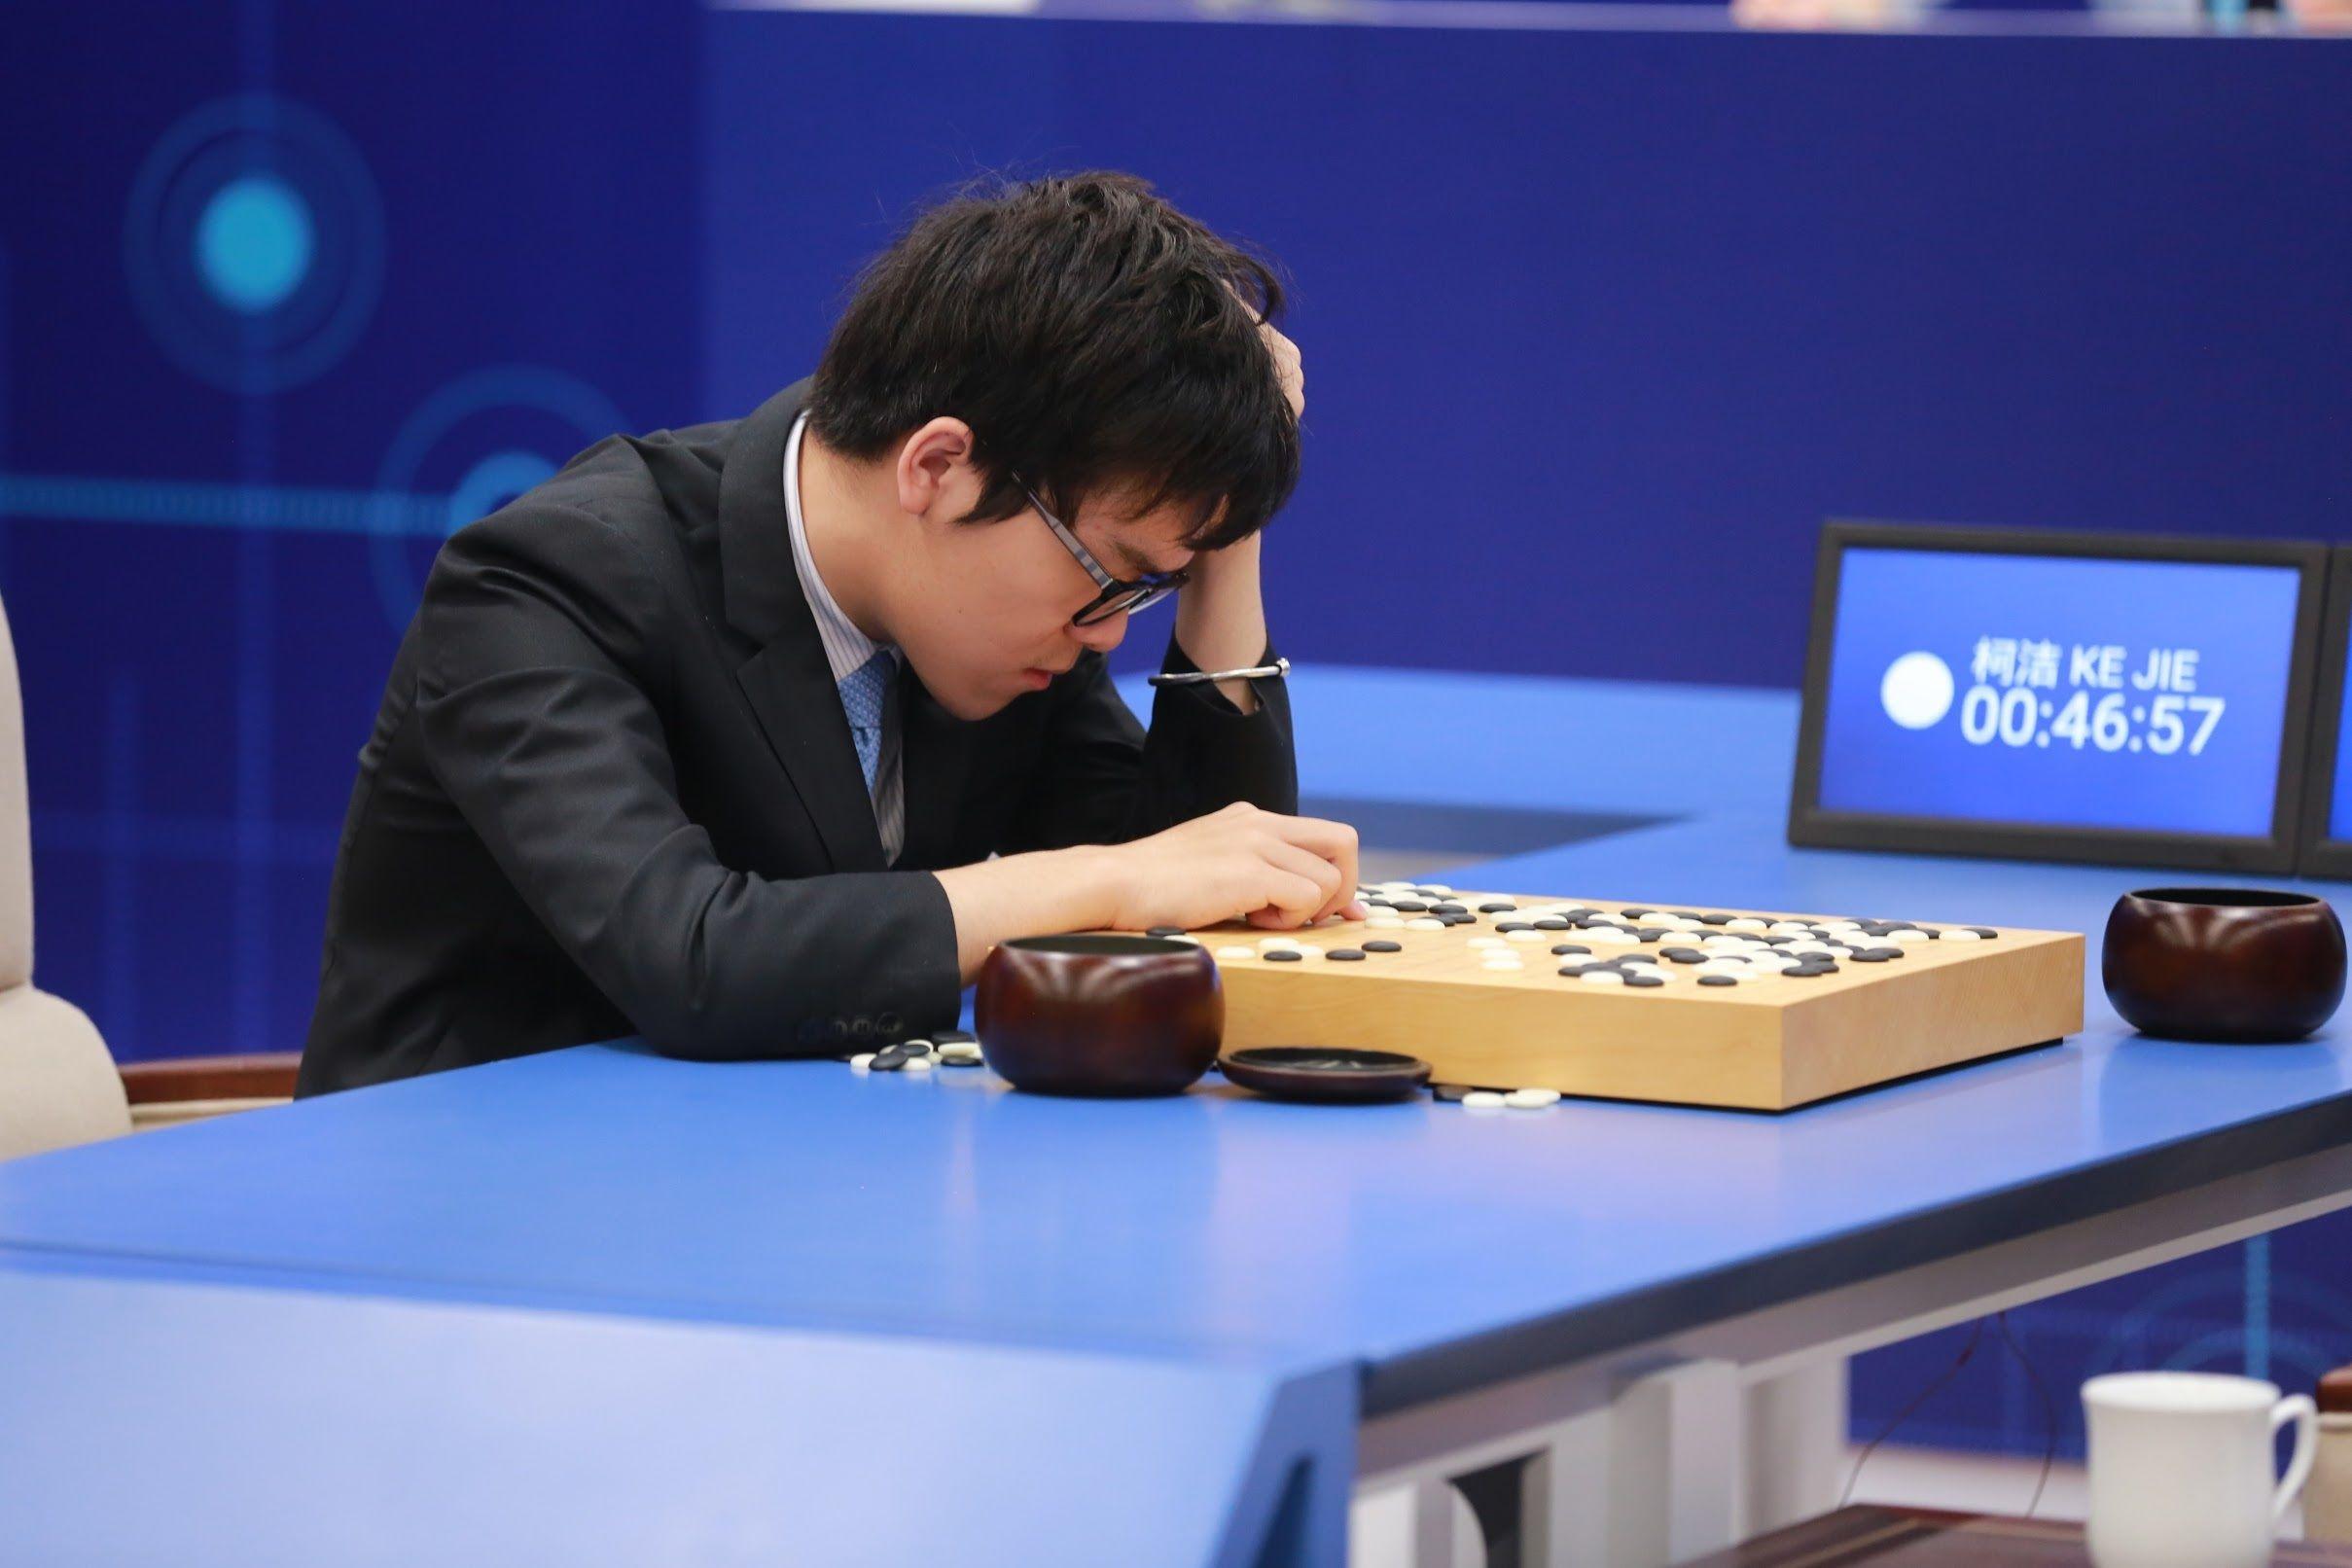 与AI 争输赢不现实 那我们还能与AI怎么玩?